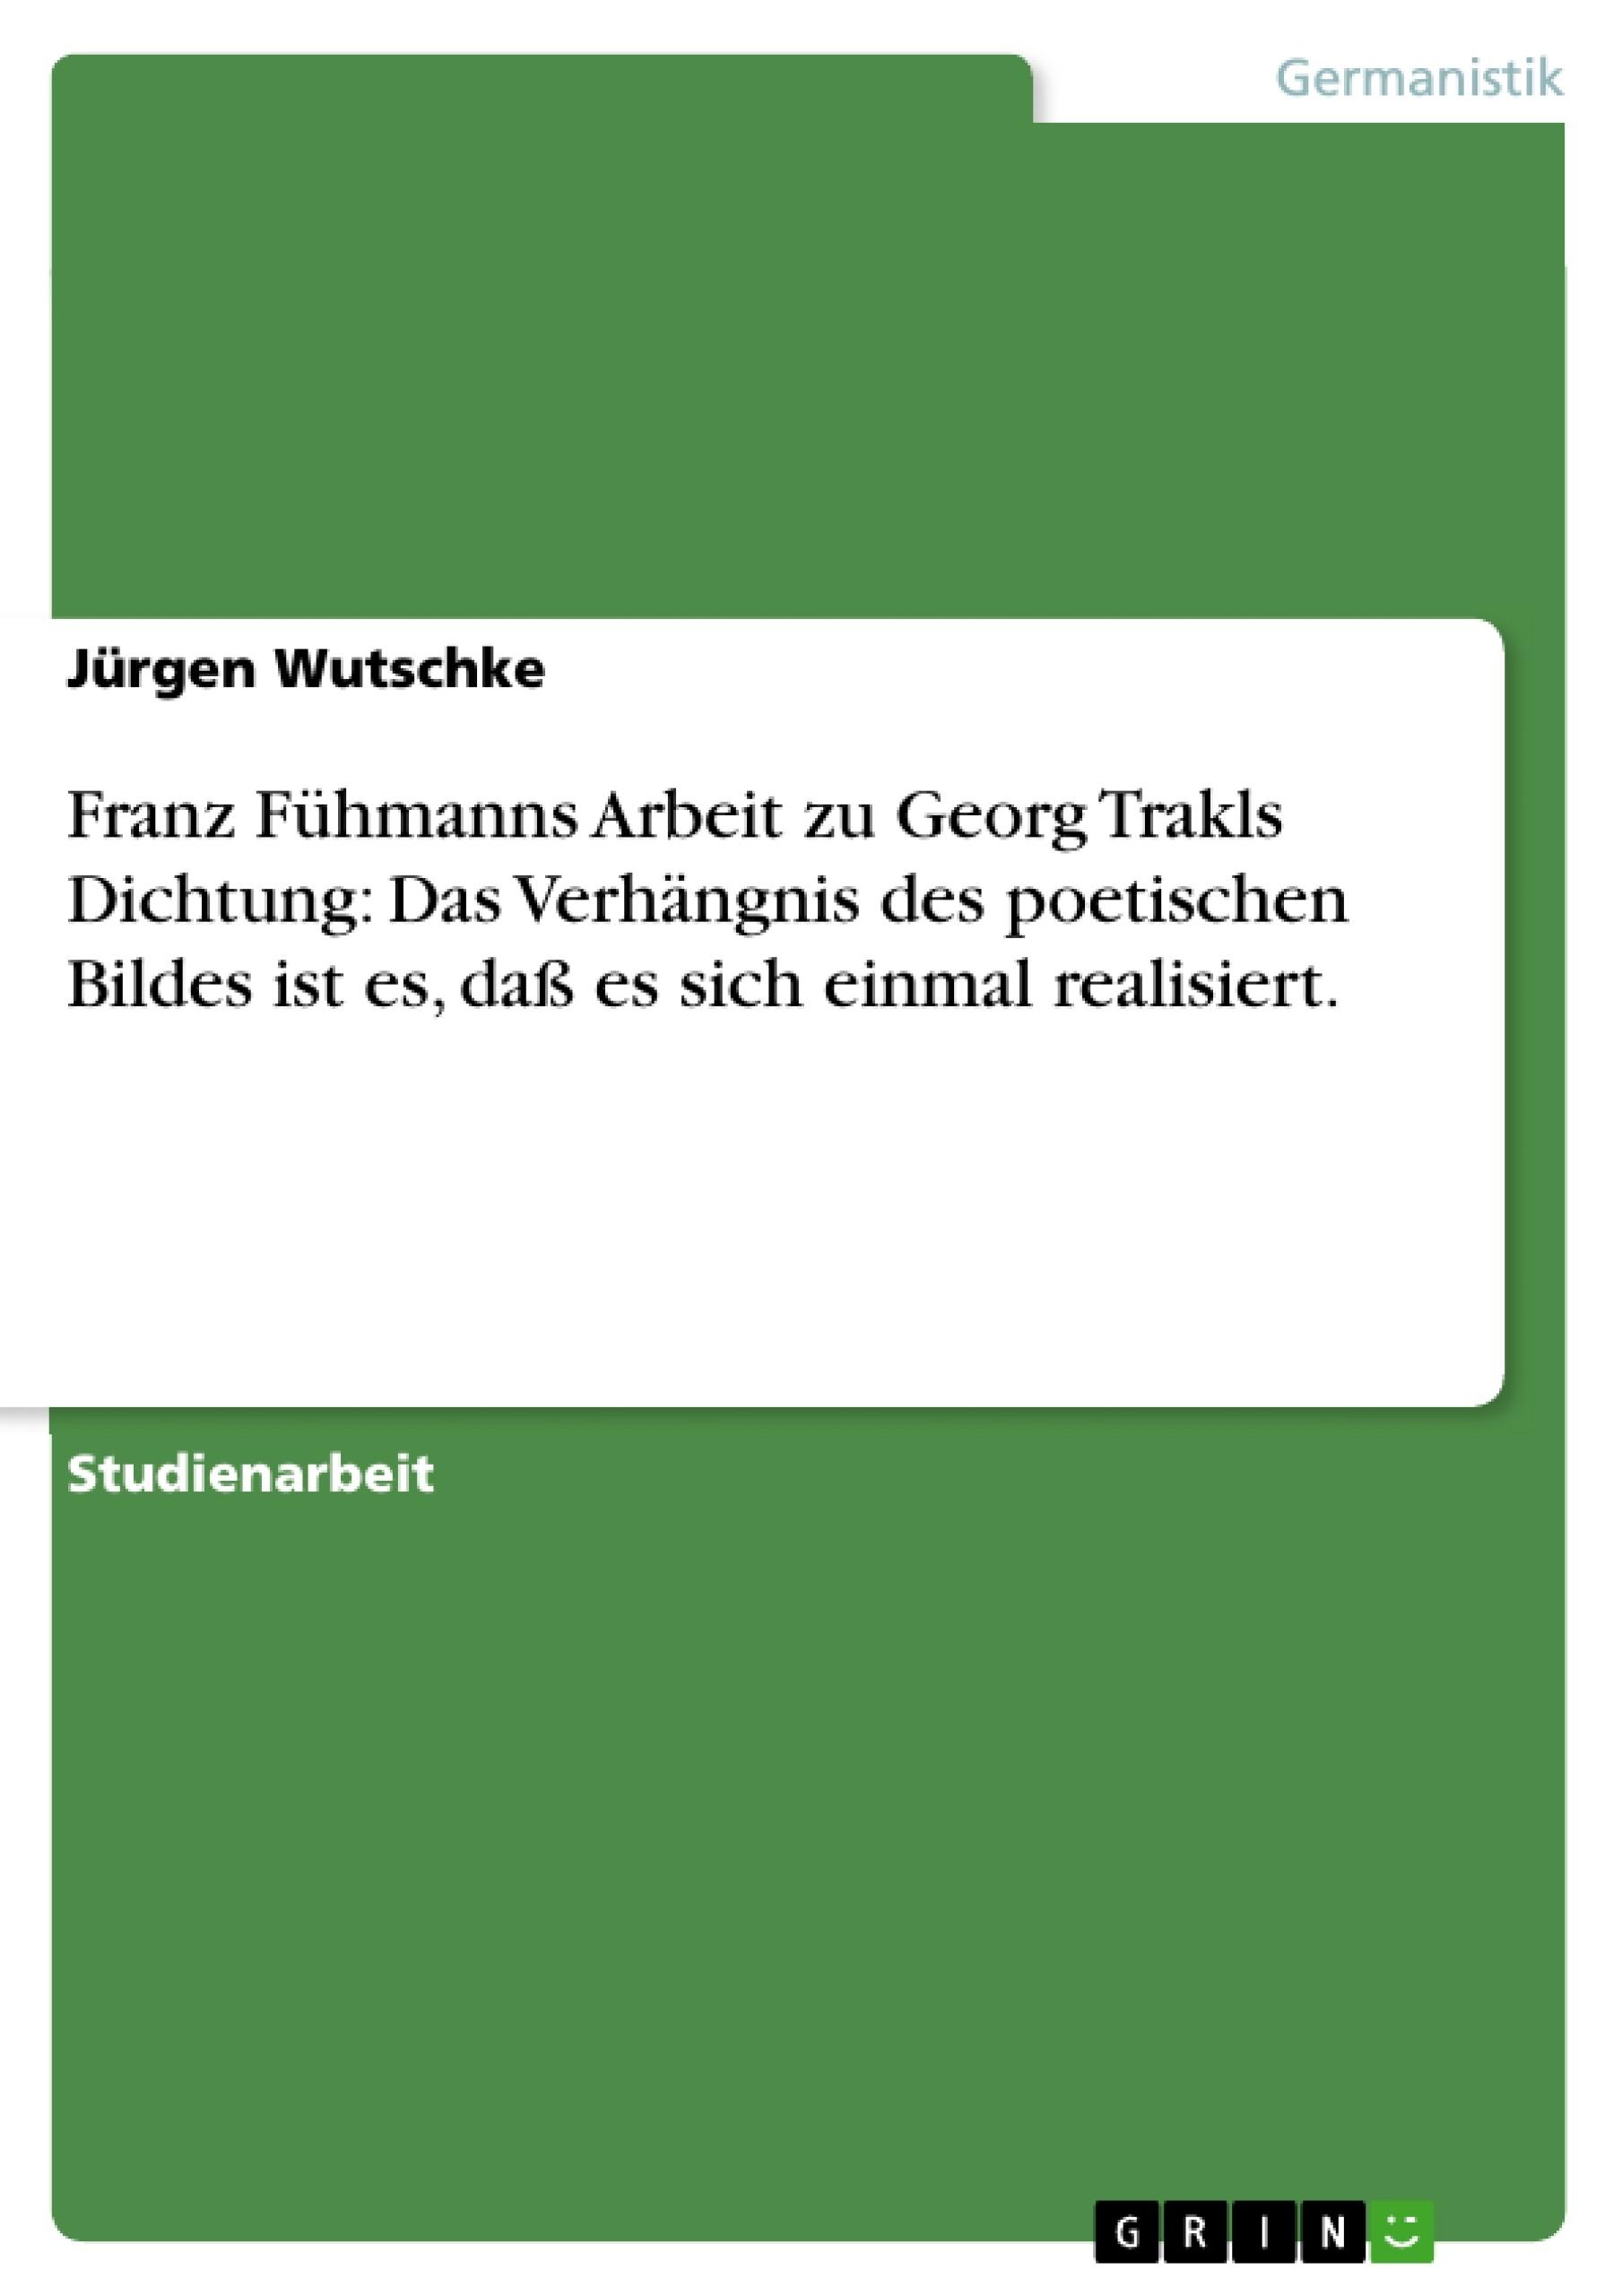 Titel: Franz Fühmanns Arbeit zu Georg Trakls Dichtung: Das Verhängnis des poetischen Bildes ist es, daß es sich einmal realisiert.